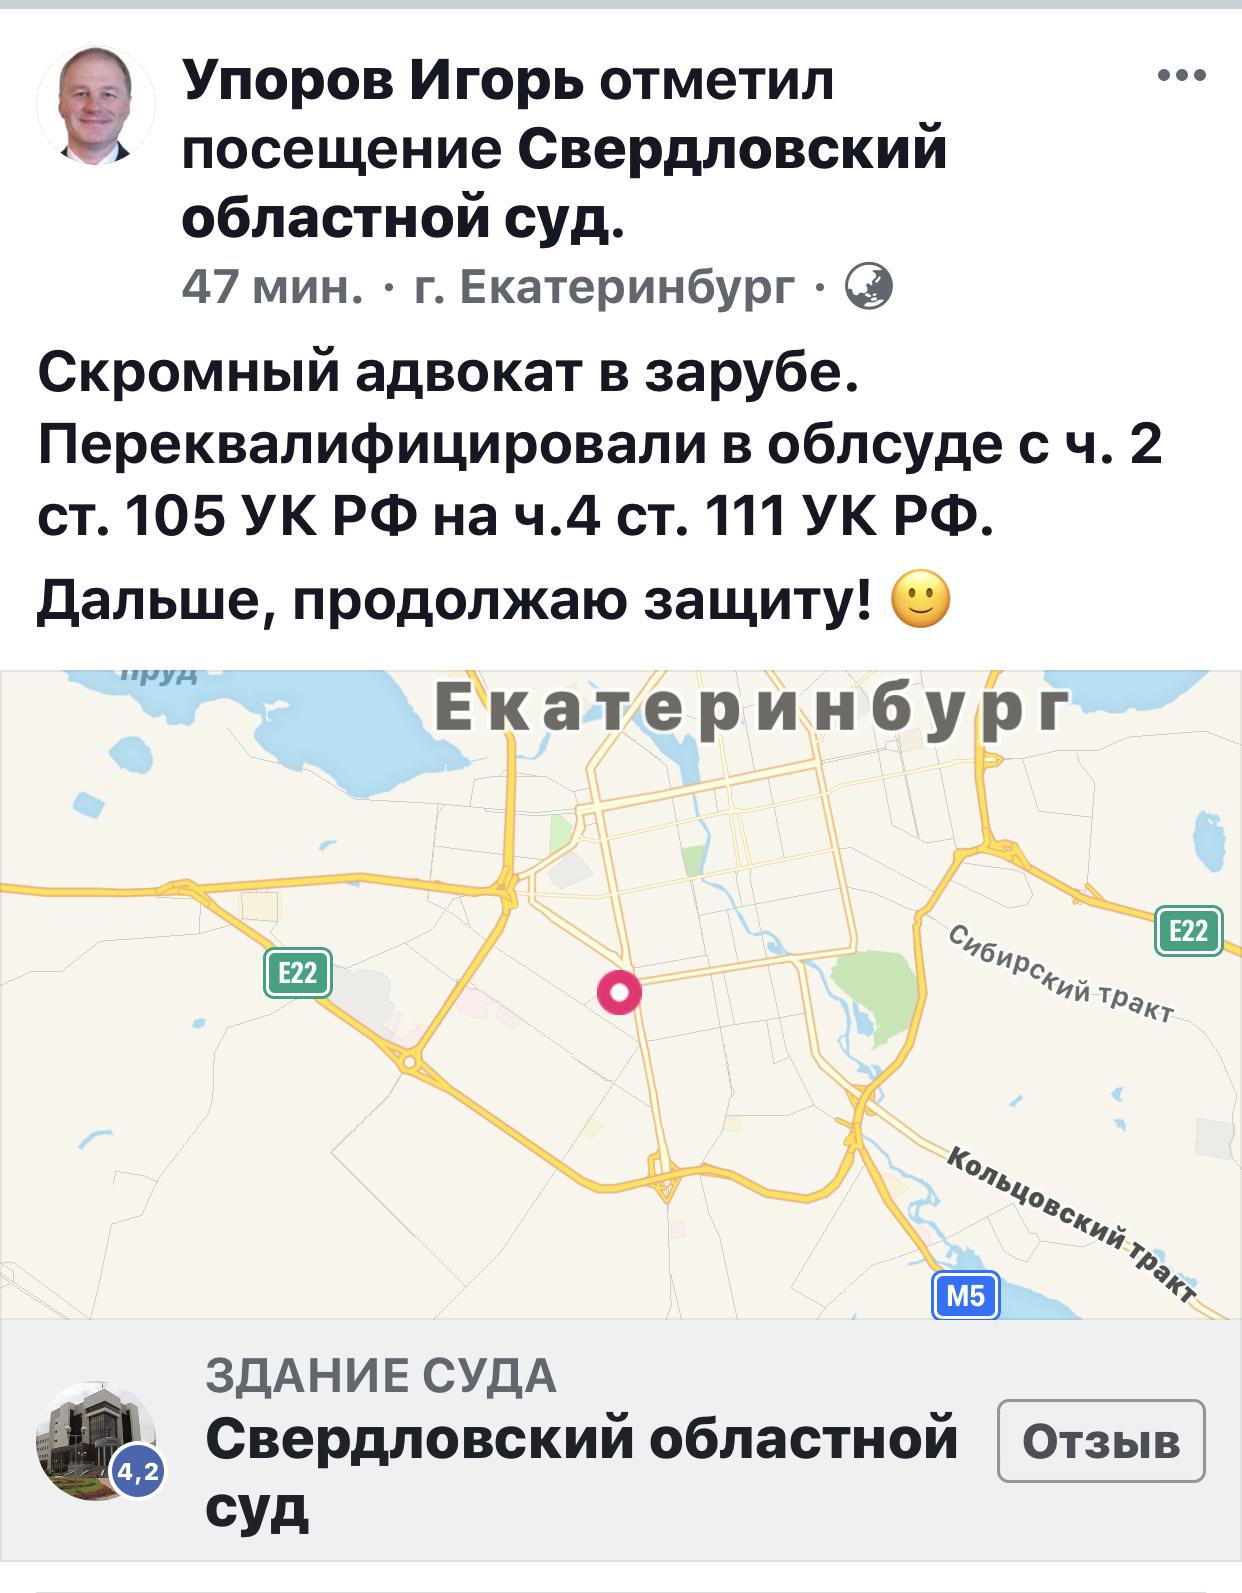 Победа в Свердловском областном суде переквалифицировали с убийства на причинение тяжких телесных...